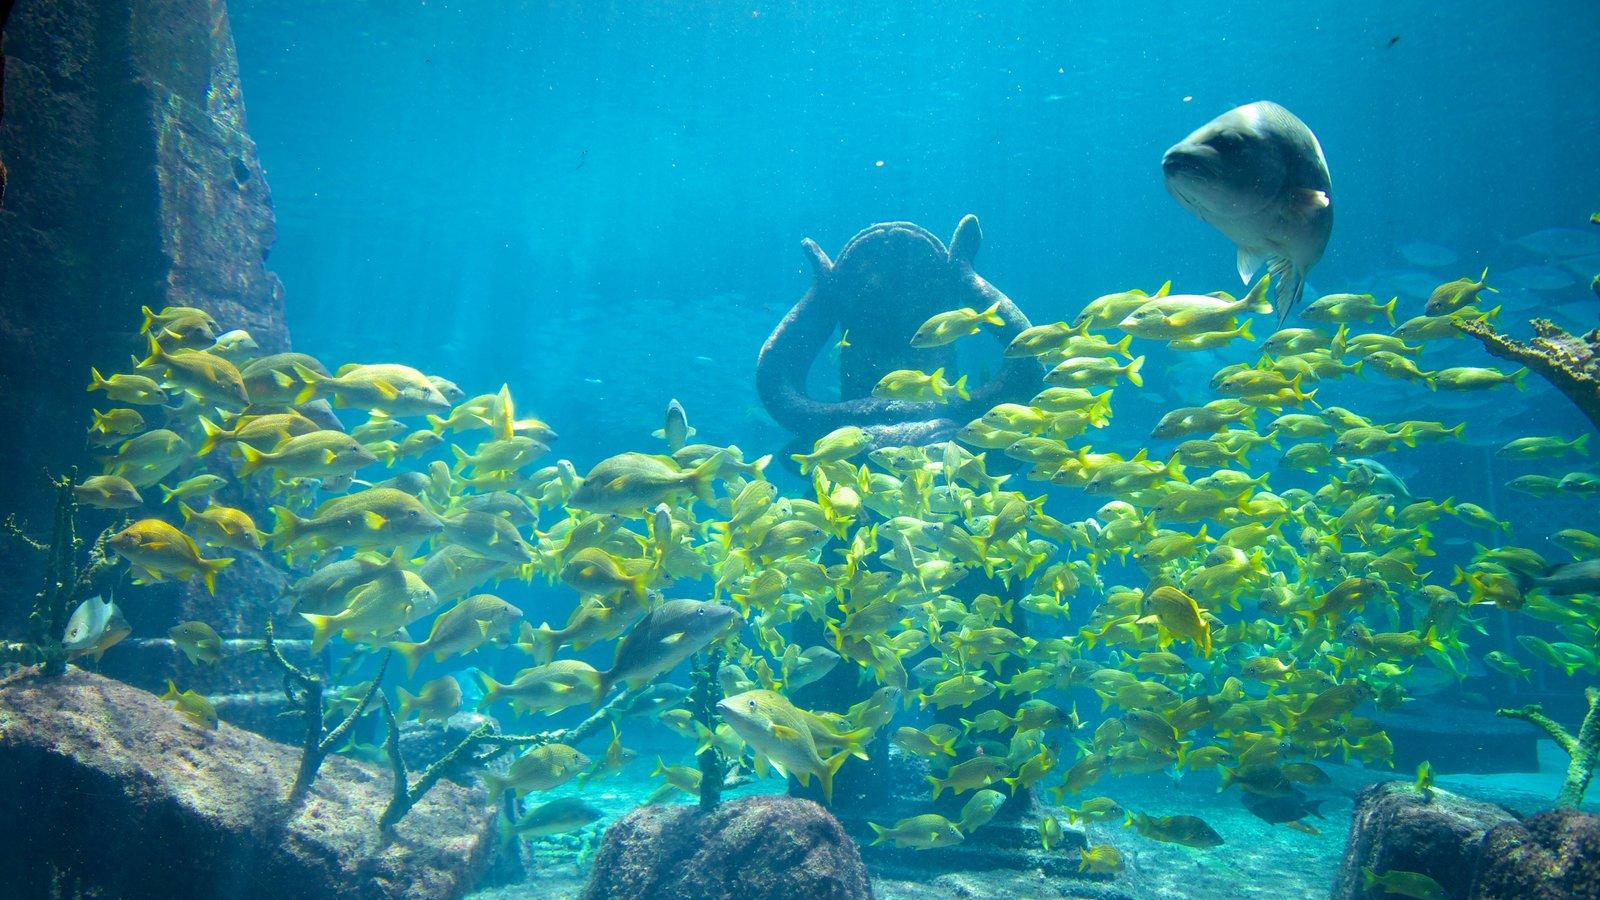 Atlantis Aquarium which includes marine life